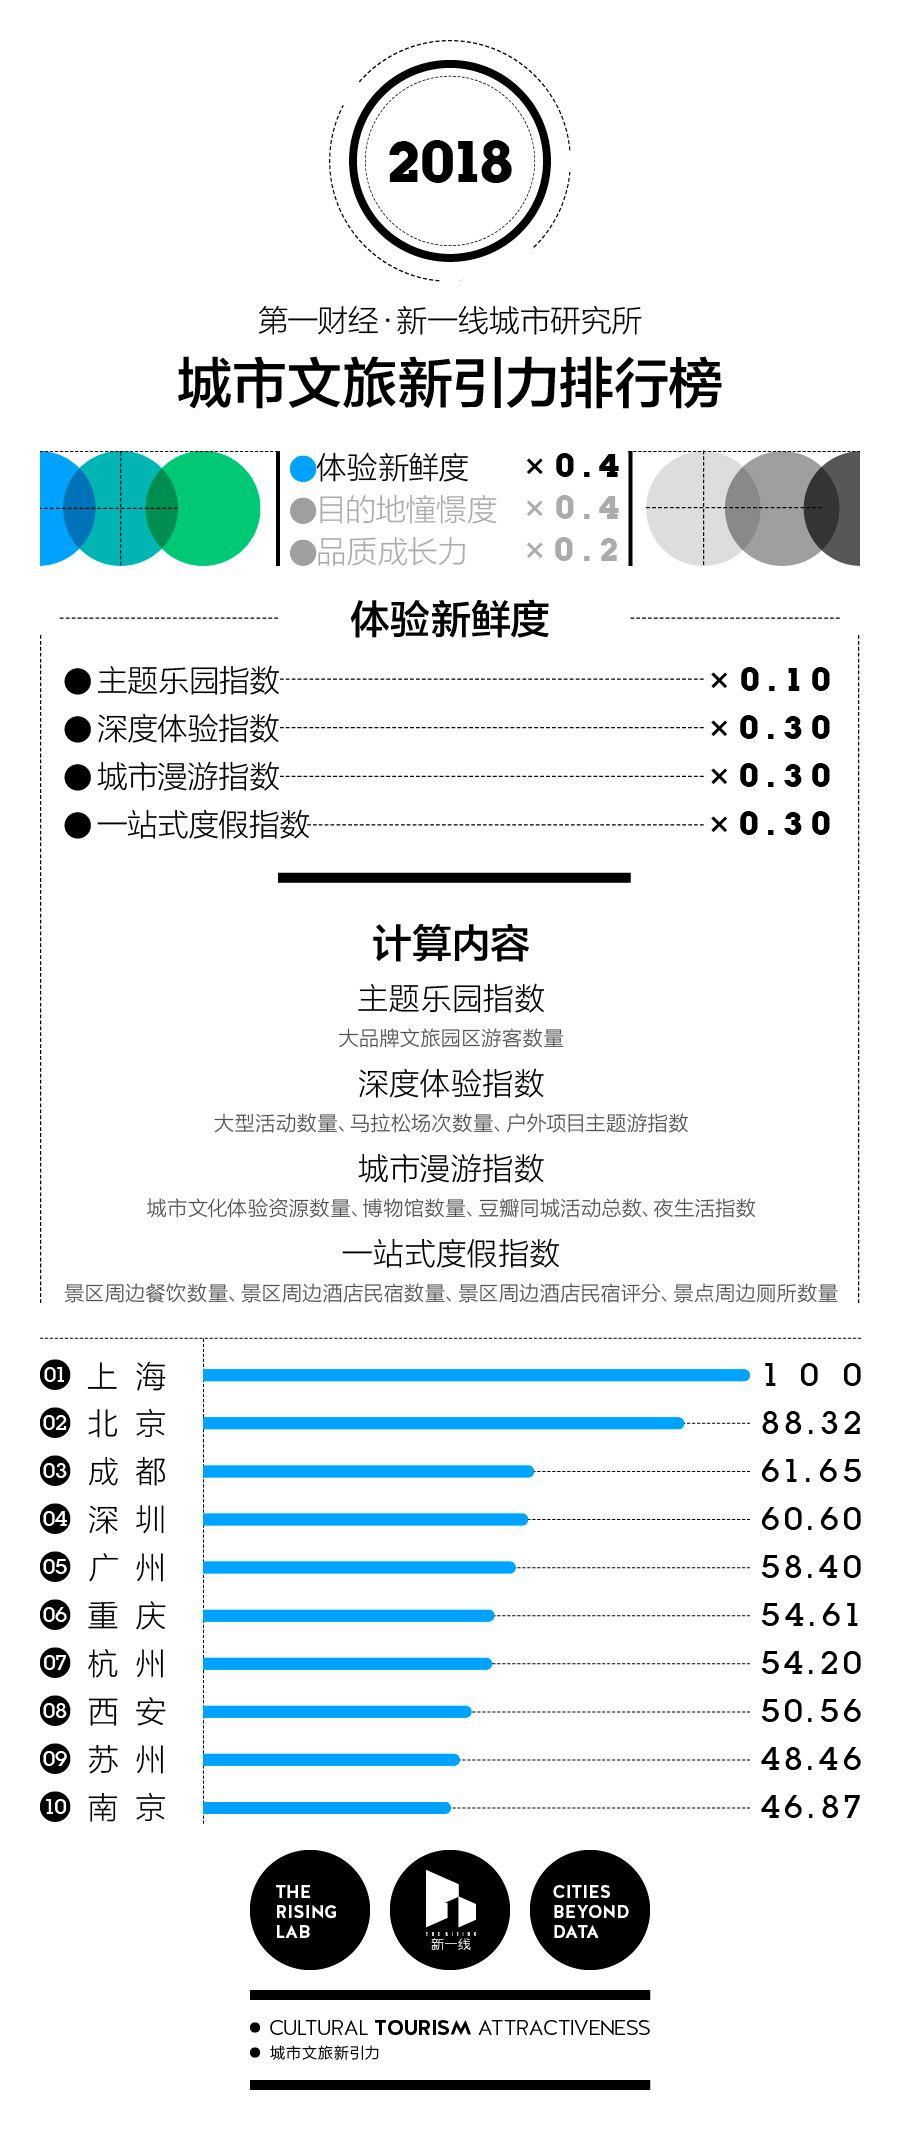 中国最好玩的城市在哪里?这里有100个城市的排名